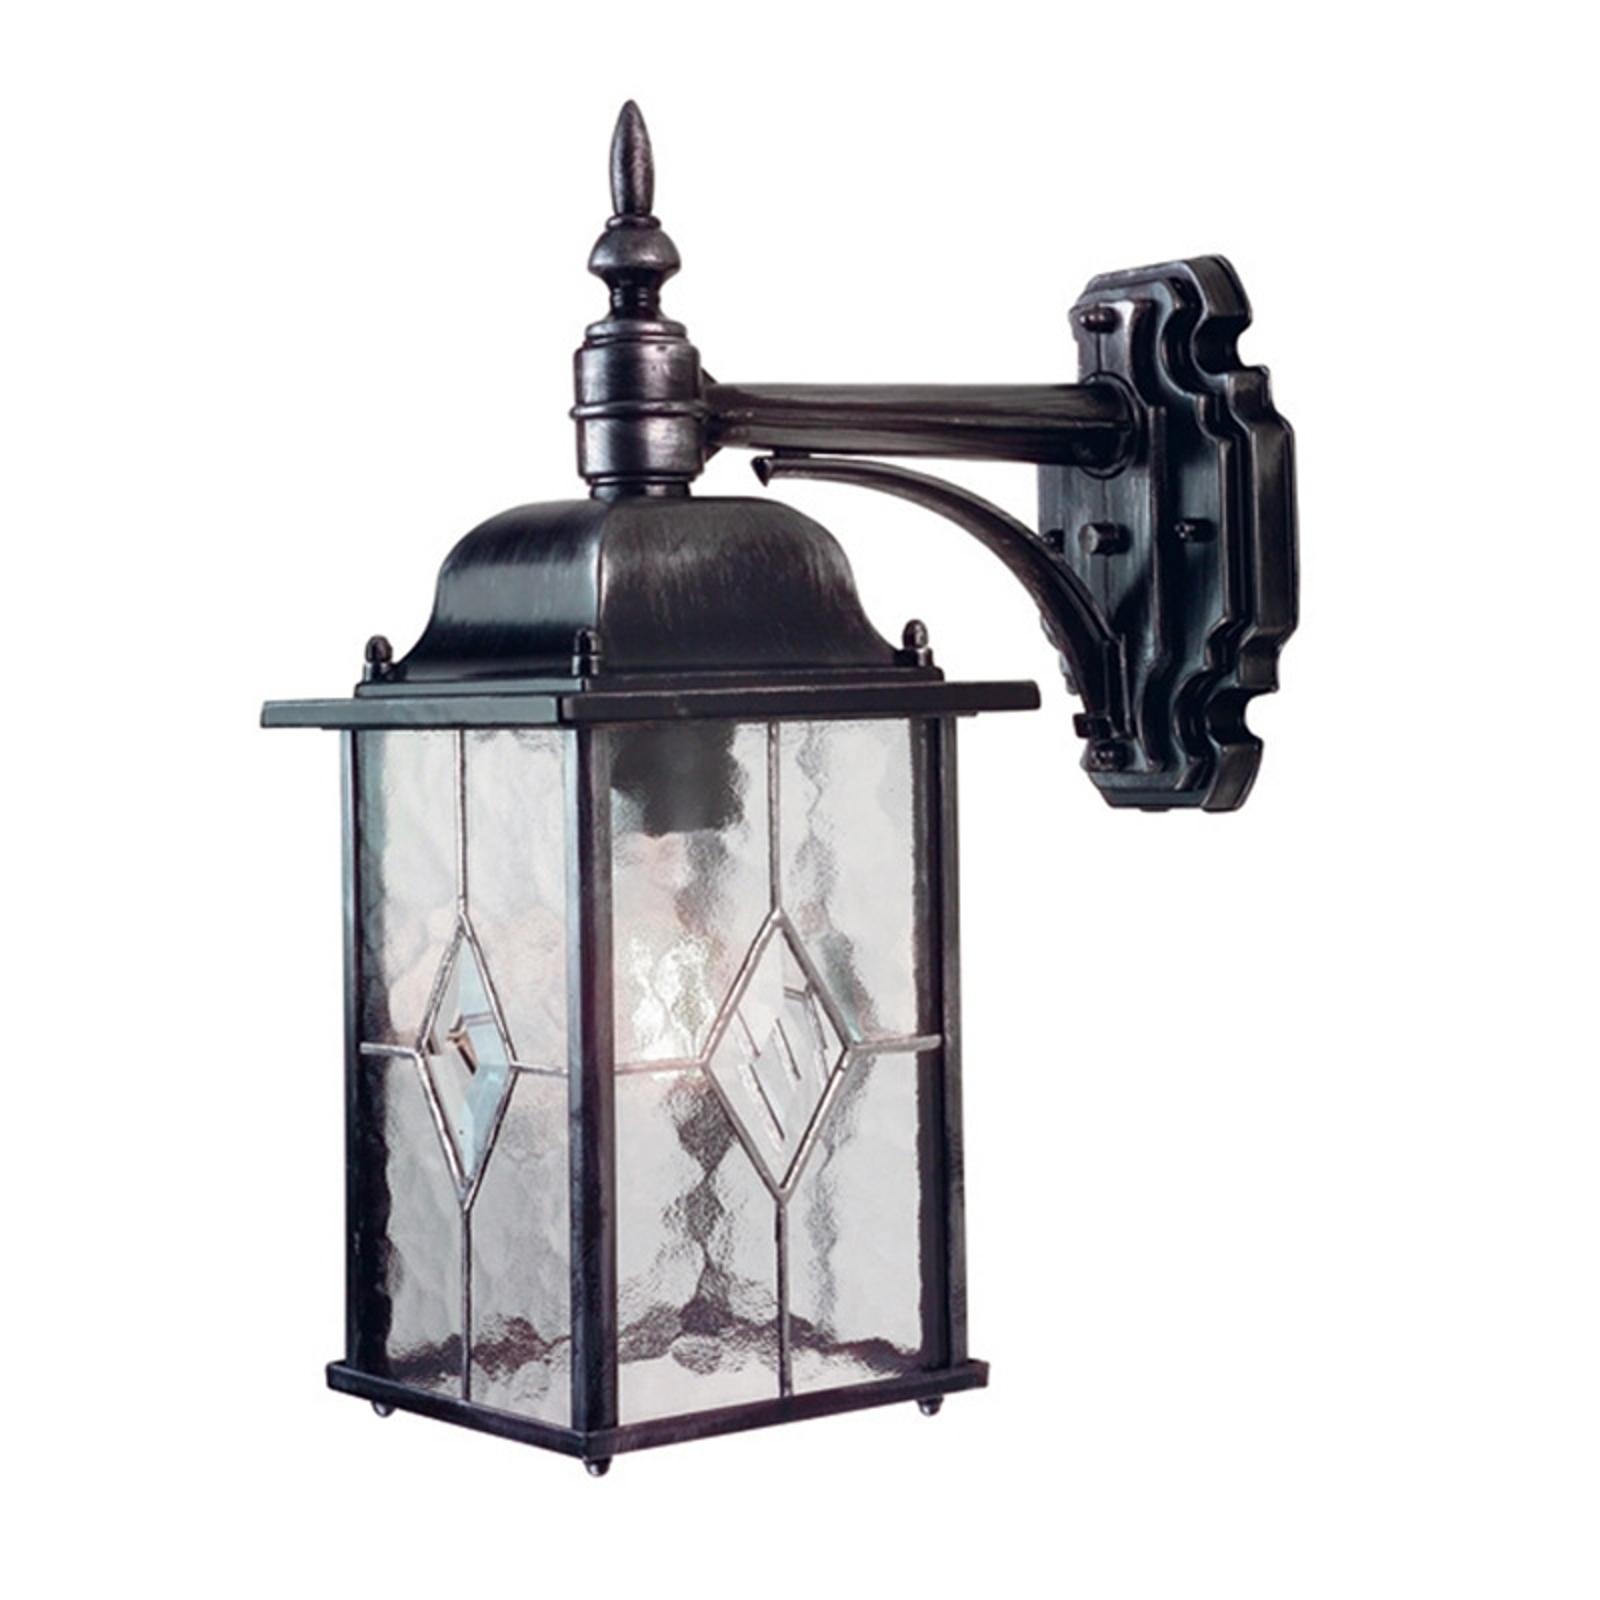 Applique extérieur Wexford WX2, lanterne suspendue